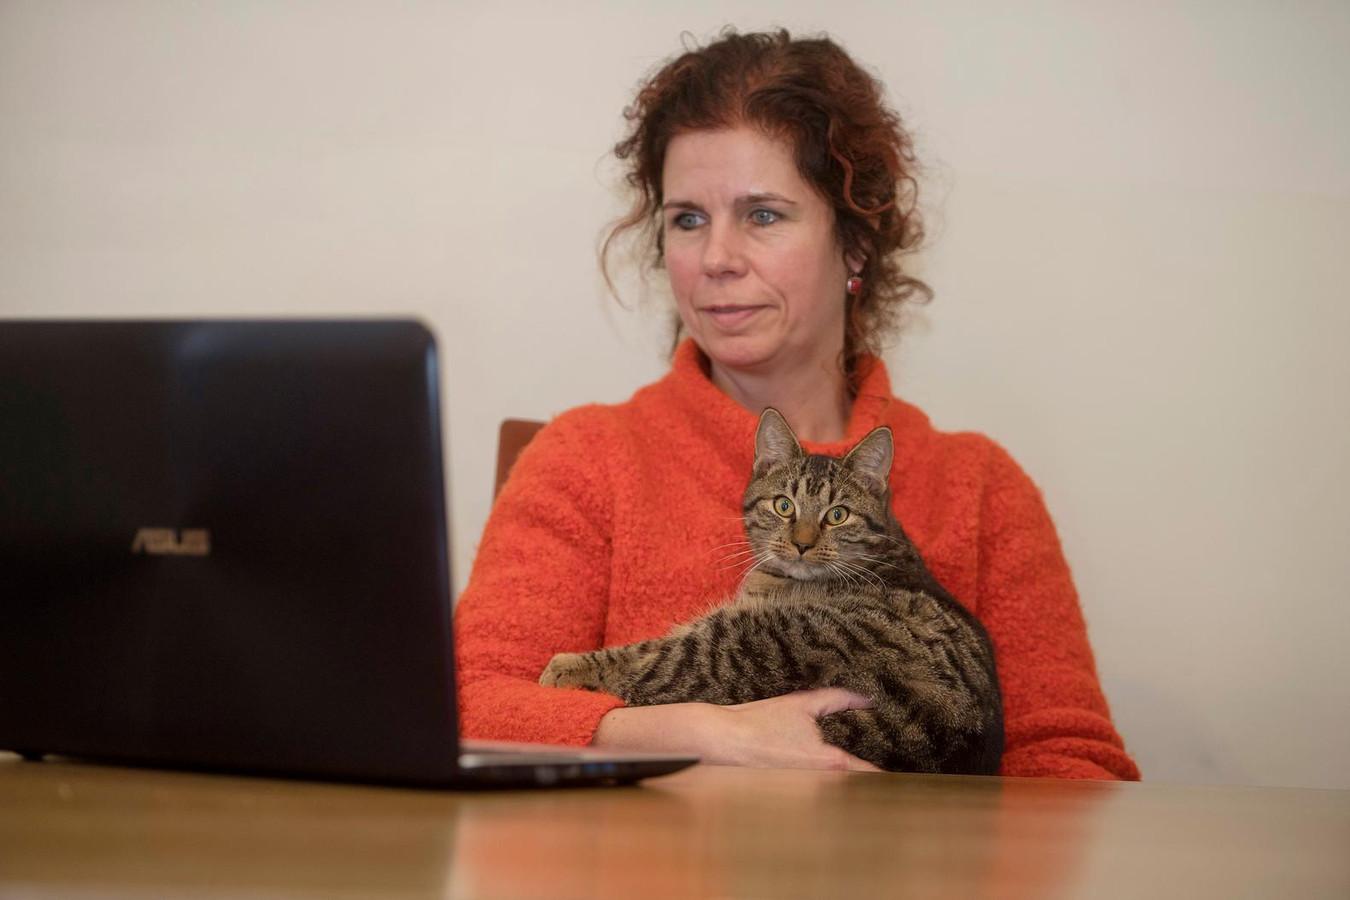 Volgens Jacky van der Vleuten (met kat) is Jacker.nl een gat in de markt.